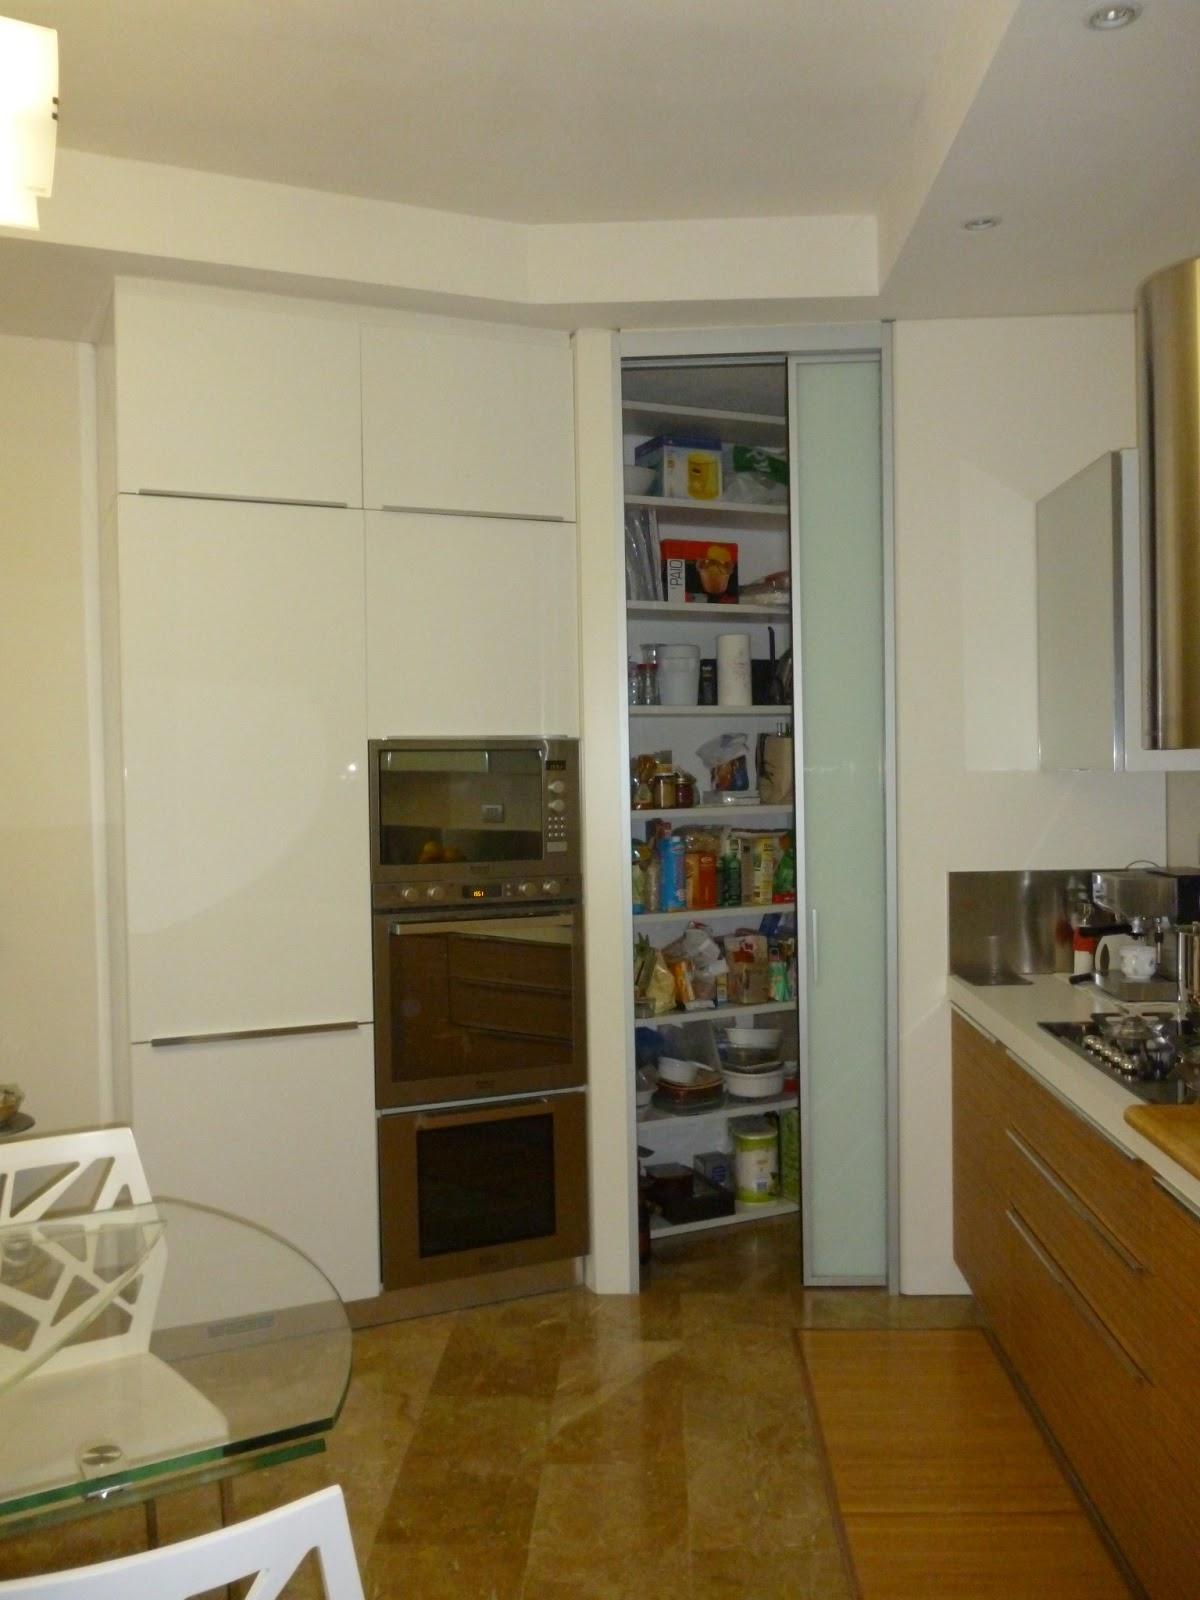 Cucina Anni 60 | Cucina Vintage Anni 60 Salvarani In 01100 Viterbo ...